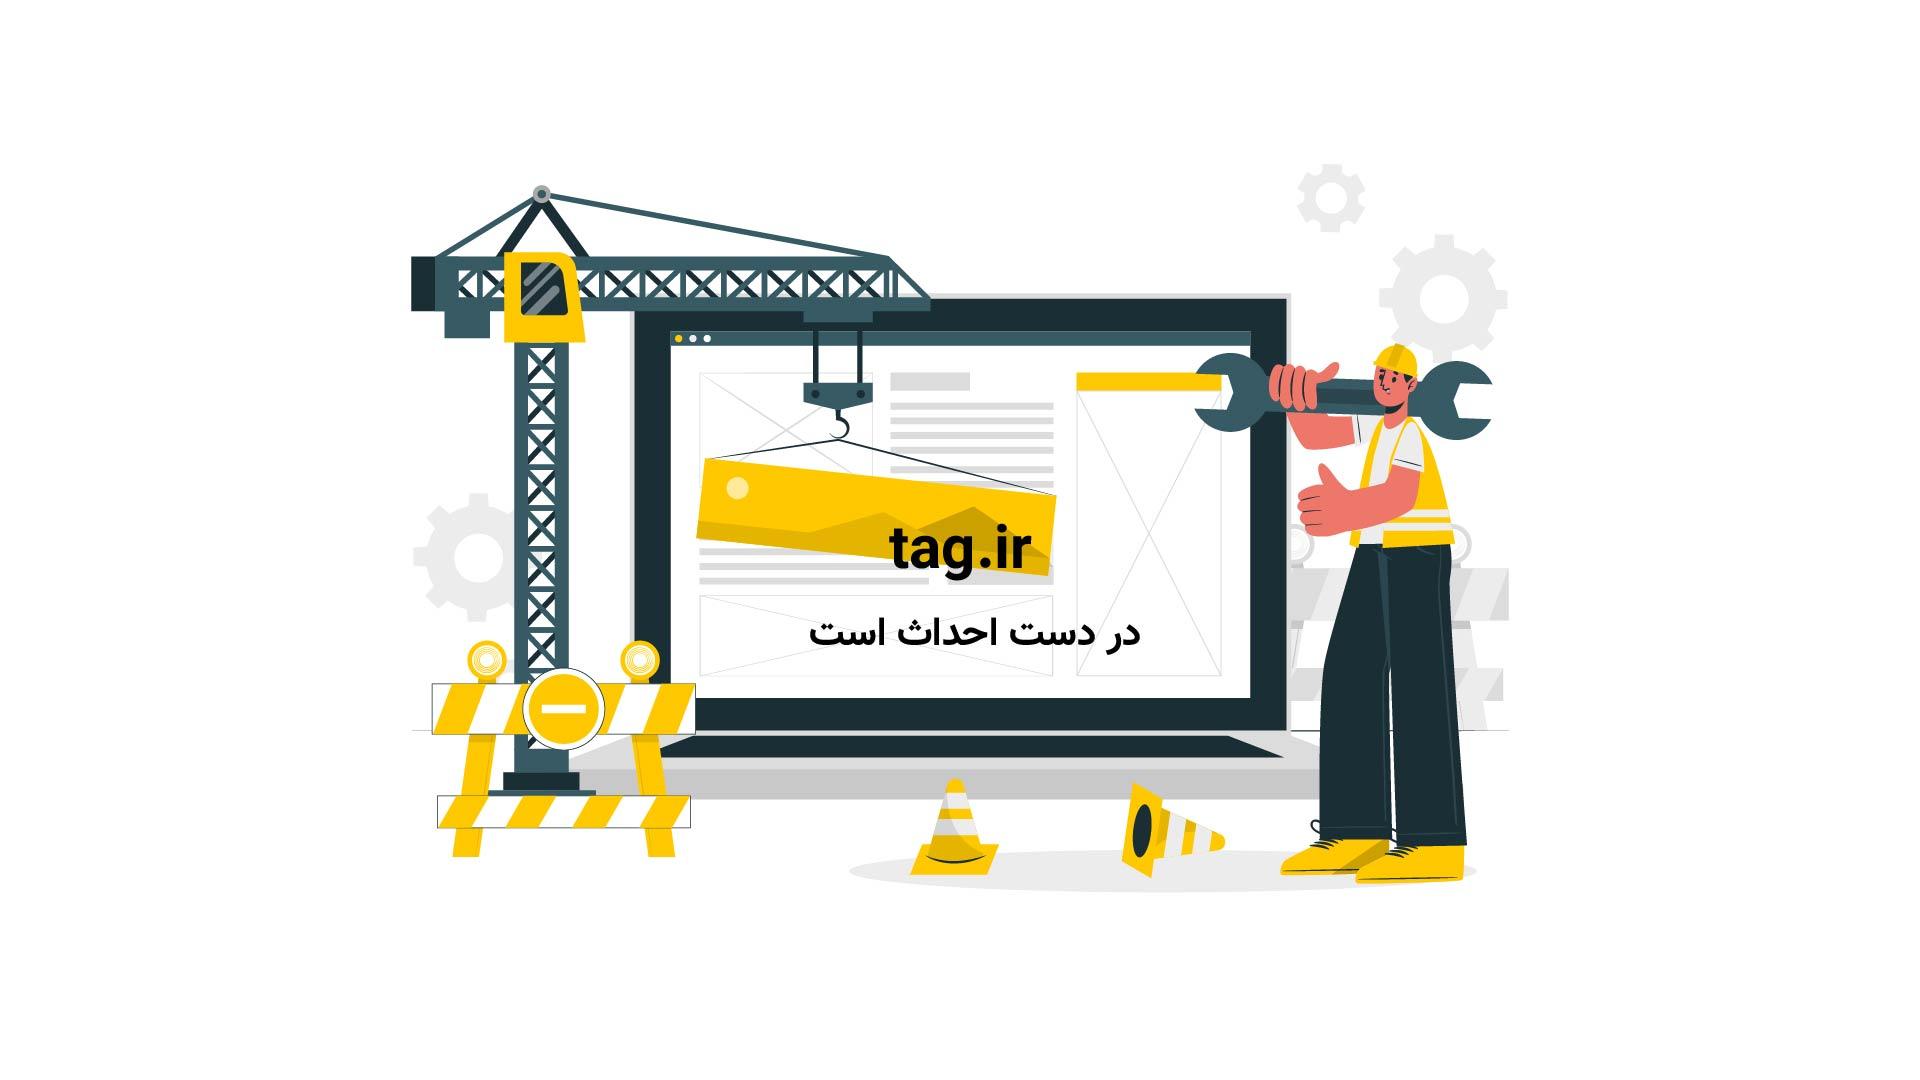 حمله شیر به چیتا | تگ